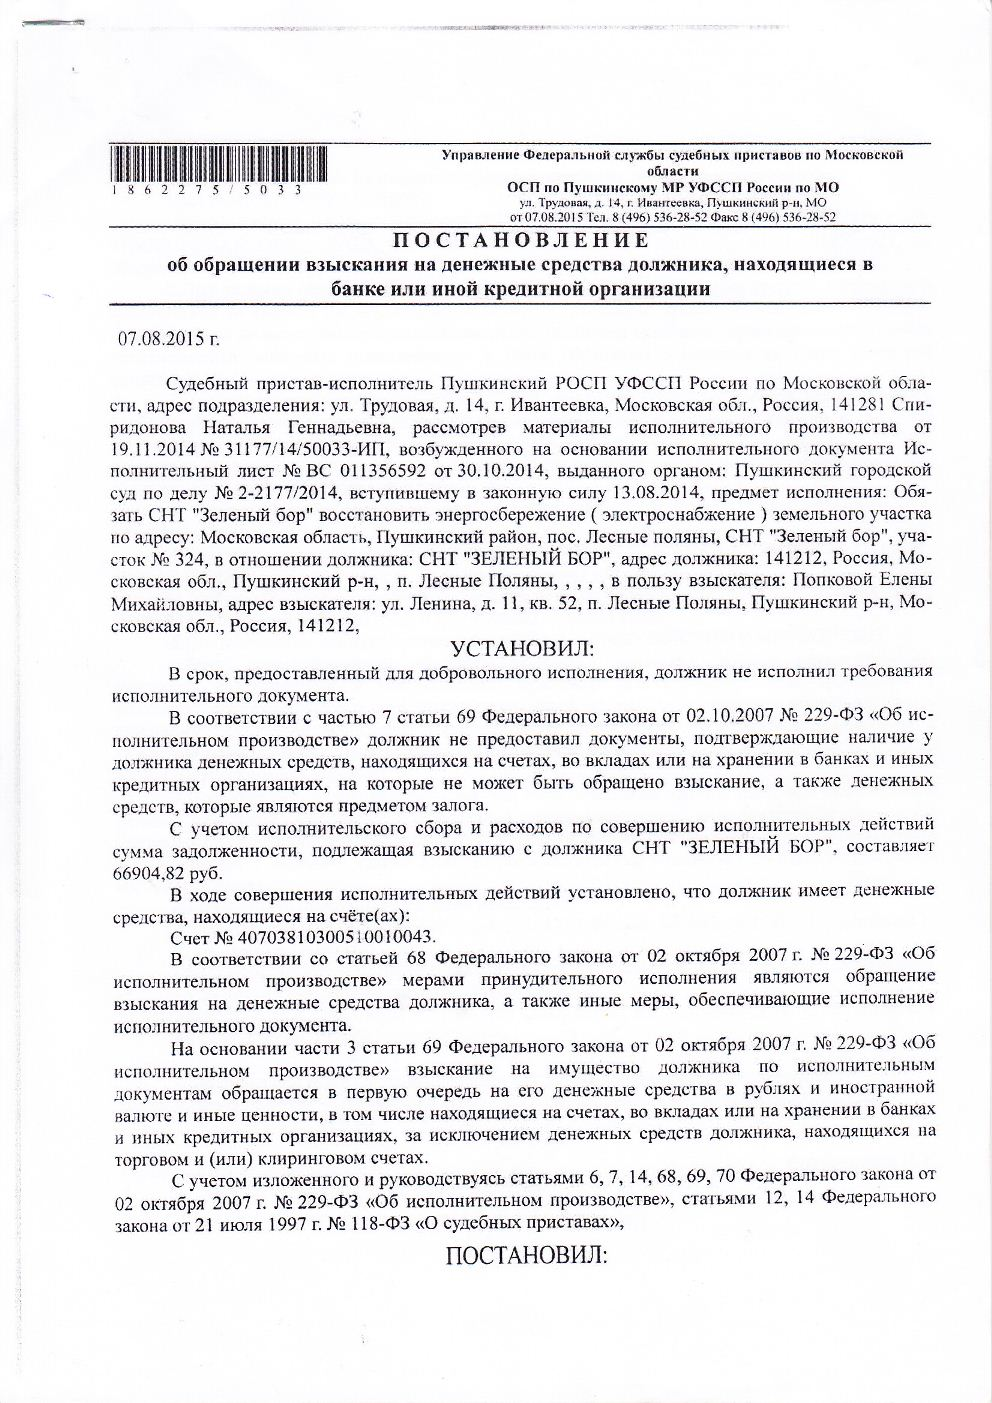 Постановление об обращении взыскания по исполнительному производству